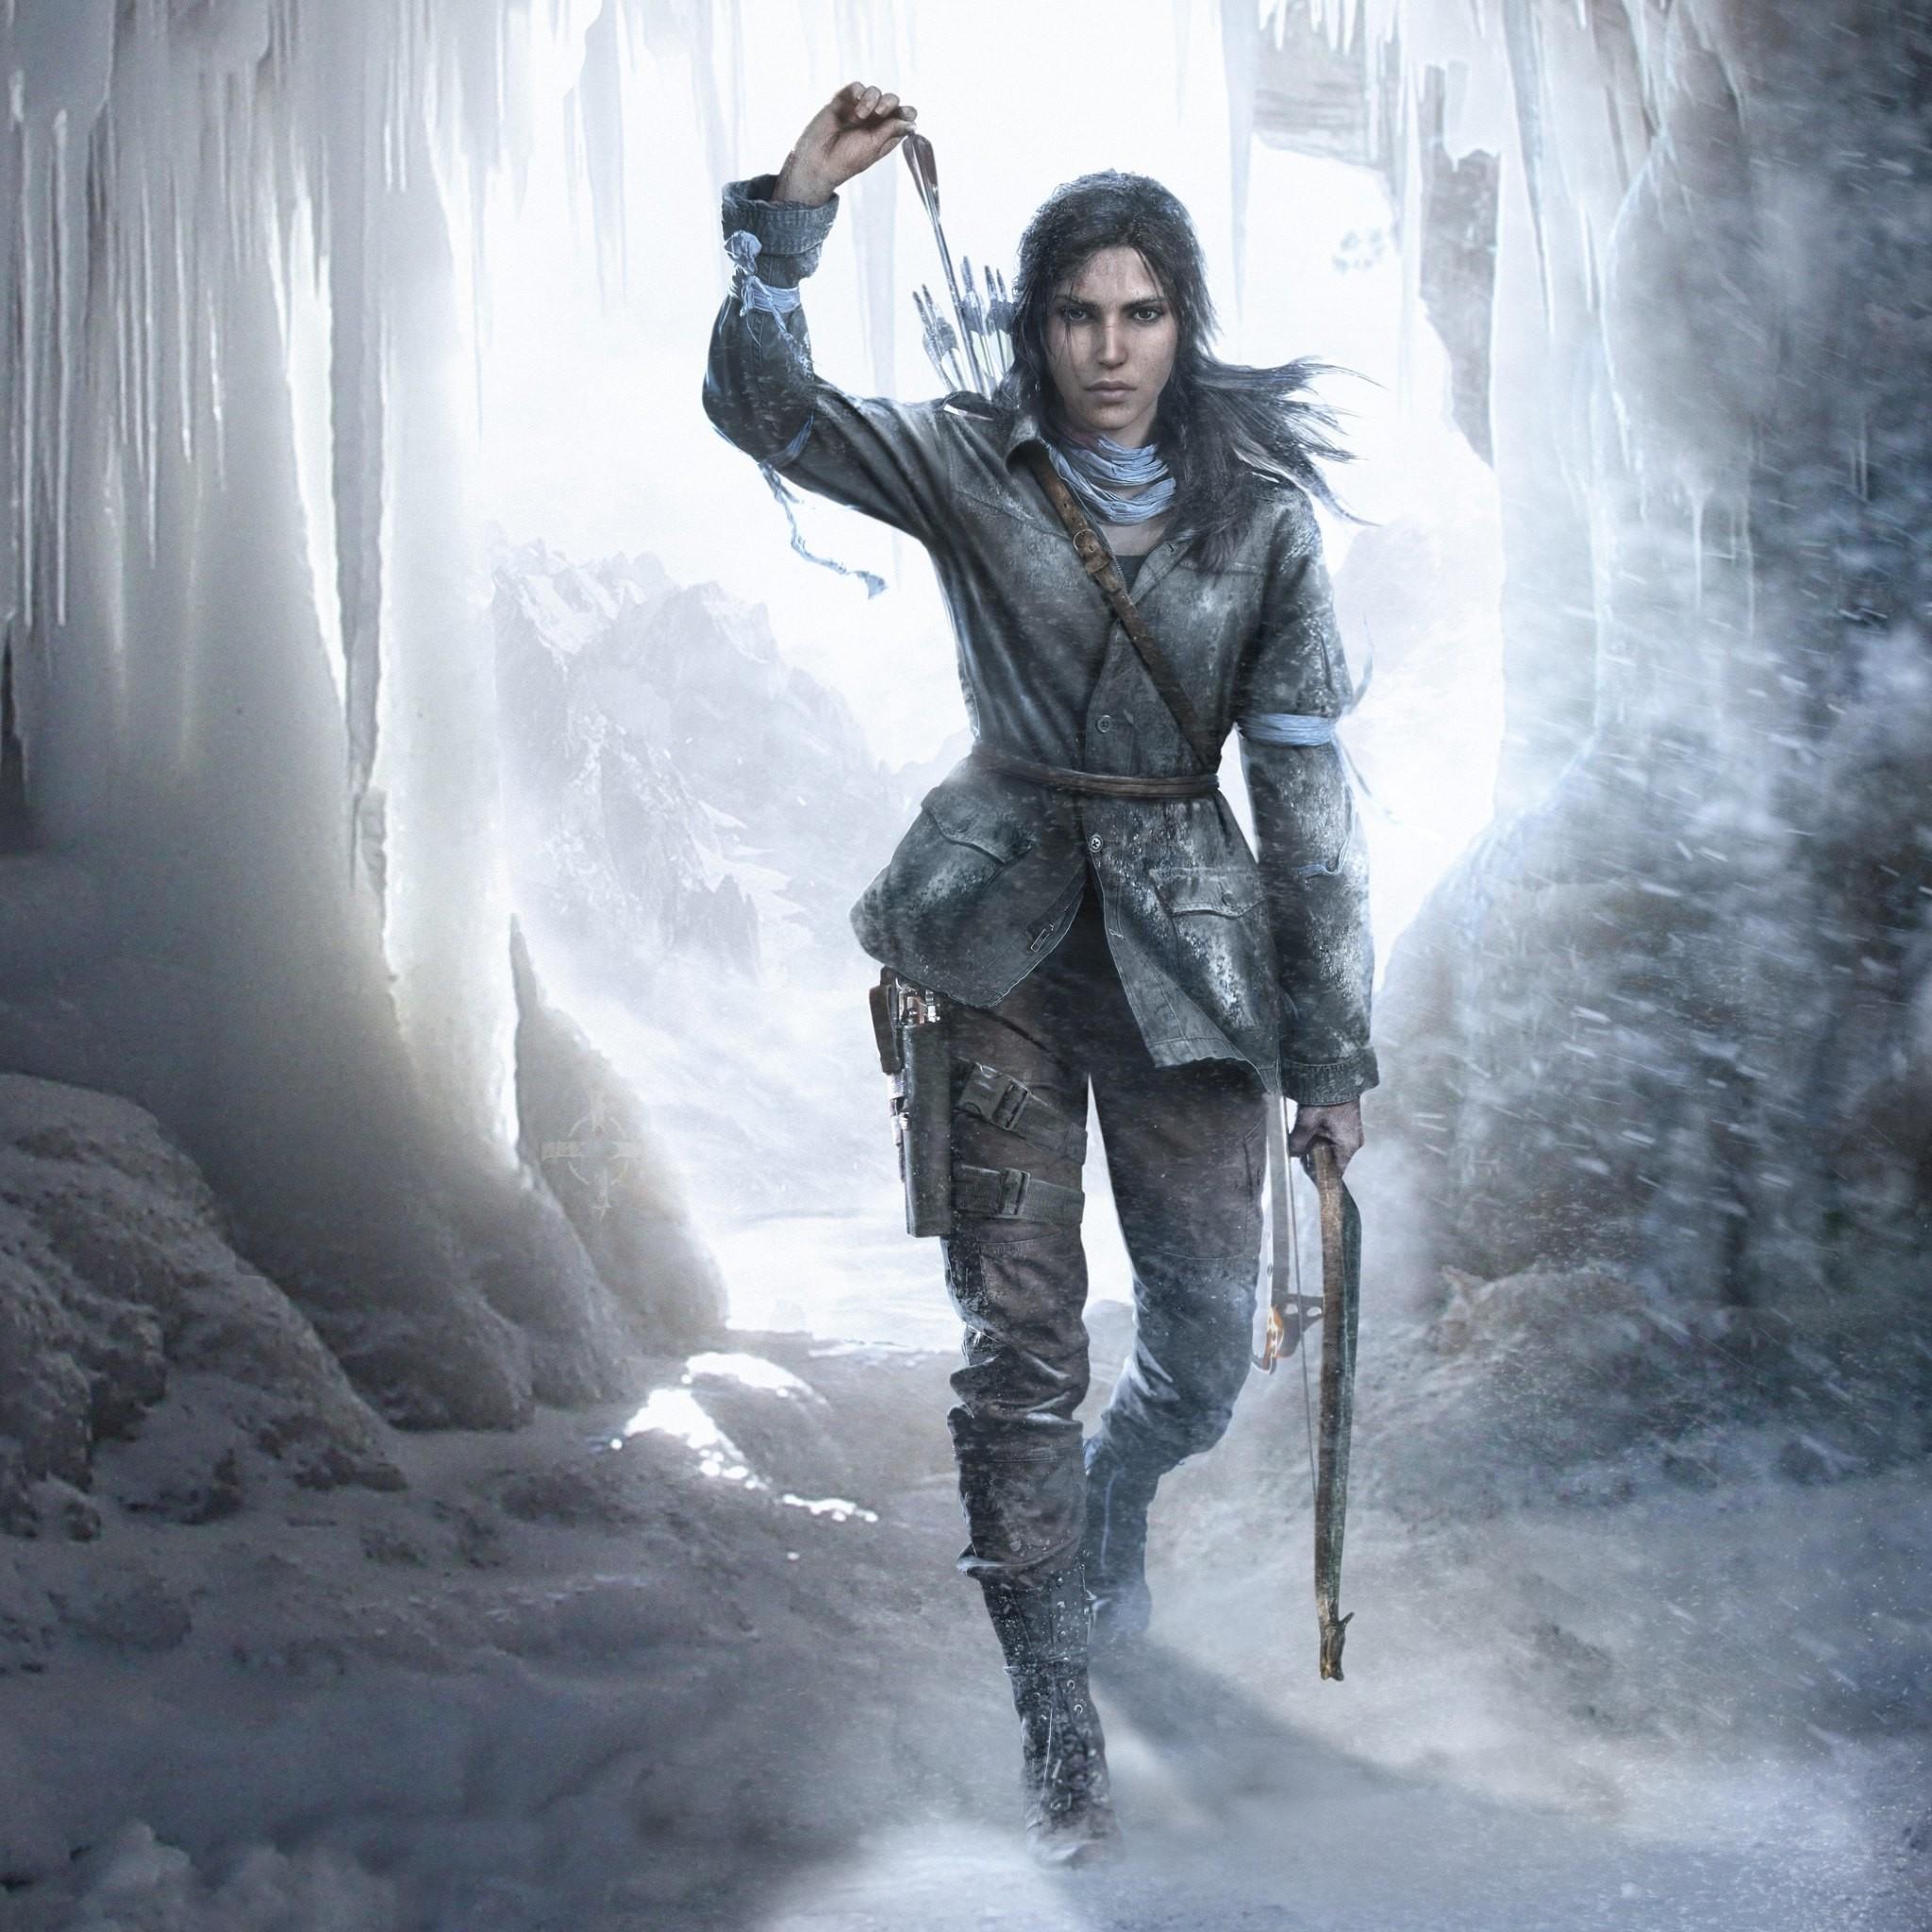 Tomb Raider 2013 Wallpaper: Tomb Raider 2018 Android Wallpaper ·① WallpaperTag